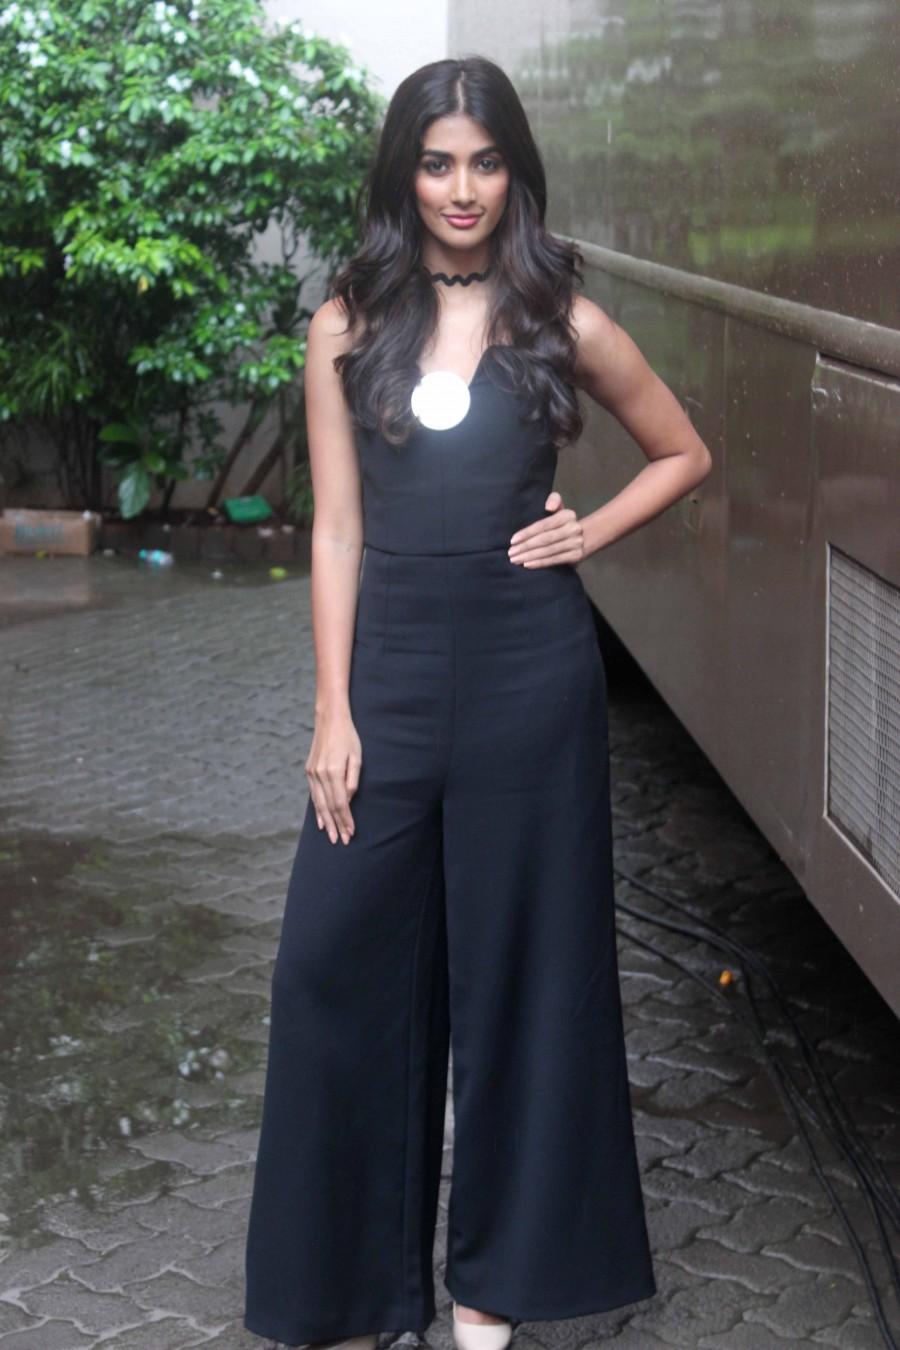 Hrithik Roshan,Deepika Padukone,Shilpa Shetty,Pooja Hegde,Hrithik Roshan spotted at Mehboob Studio,Deepika Padukone spotted at Mehboob Studio,Shilpa Shetty spotted at Mehboob Studio,Pooja Hegde spotted at Mehboob Studio